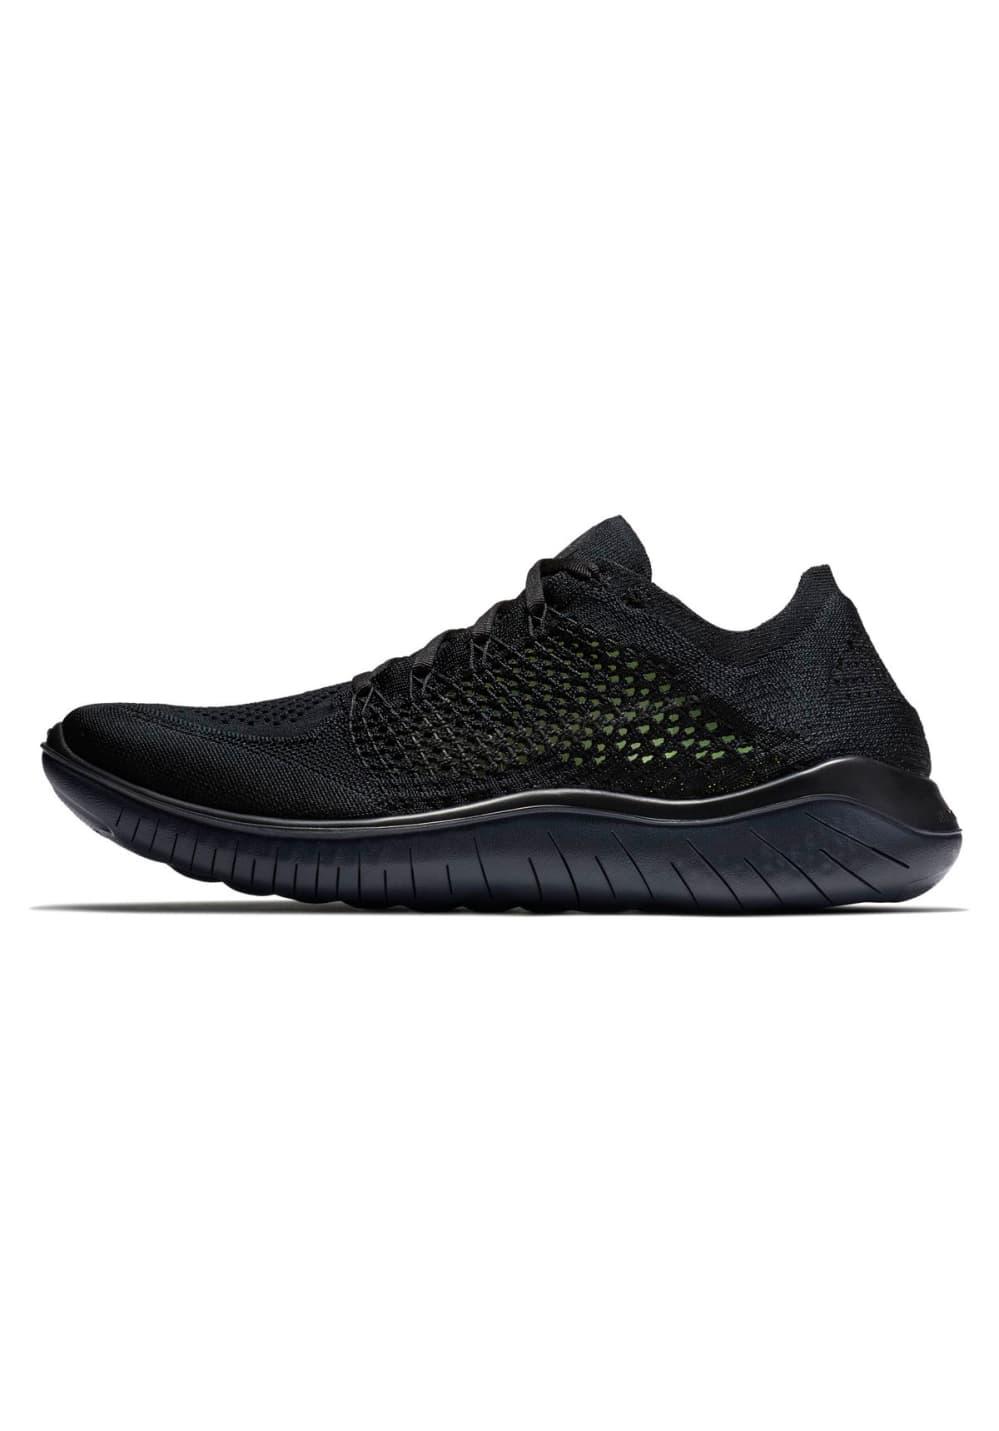 buy online 17754 24e1b Nike Free RN Flyknit 2018 - Running shoes for Men - Black